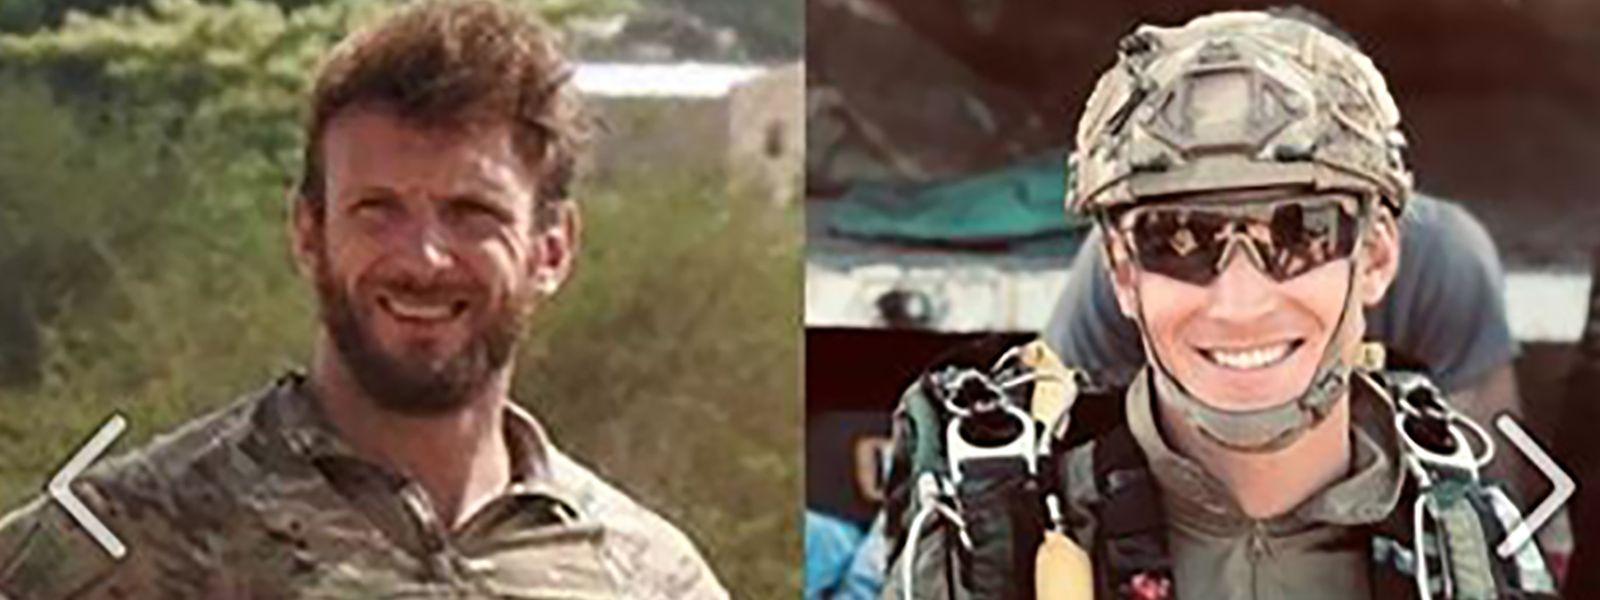 """Dieses Foto wurde von der französischen """"Marine nationale"""" publiziert. Es zeigt die Soldaten Cedric de Pierrepont (l.) und Alain Bertoncello die bei der Befreiung von Geiseln in Burkina Faso getötet wurden."""